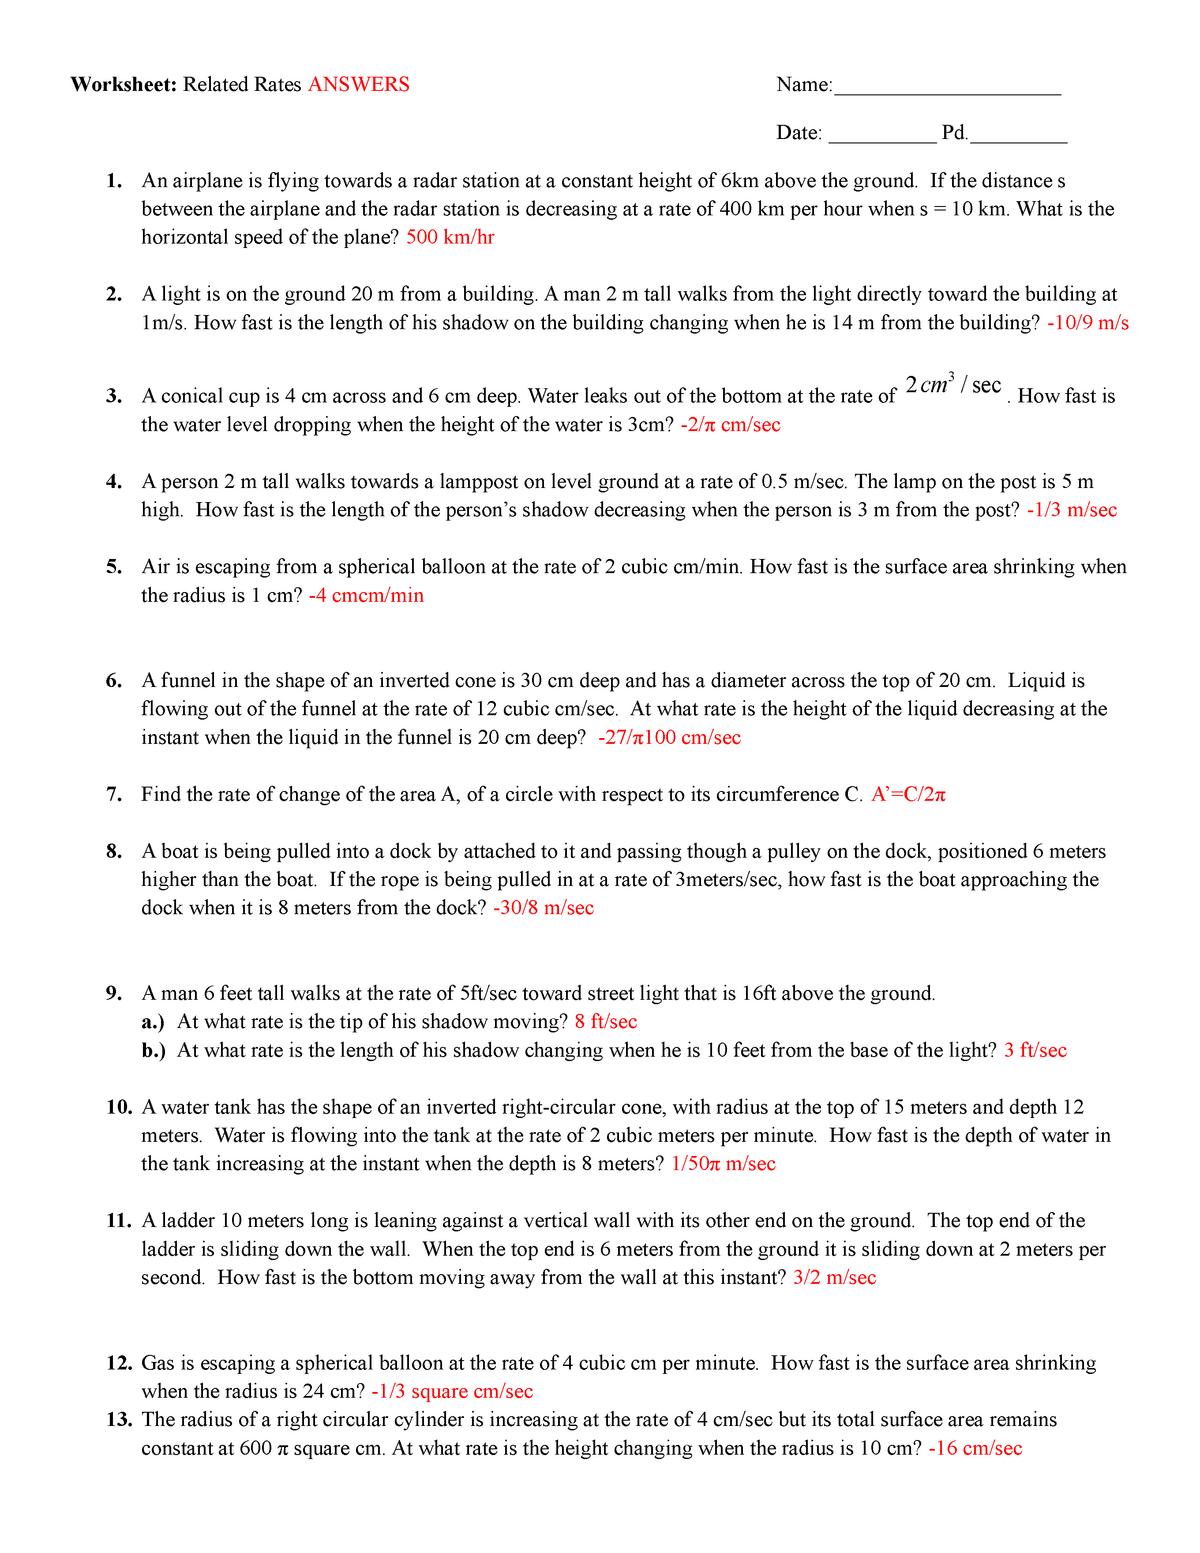 Ws relatedproblems answers 12 - MATH 502: Mathematical Logic - StuDocu